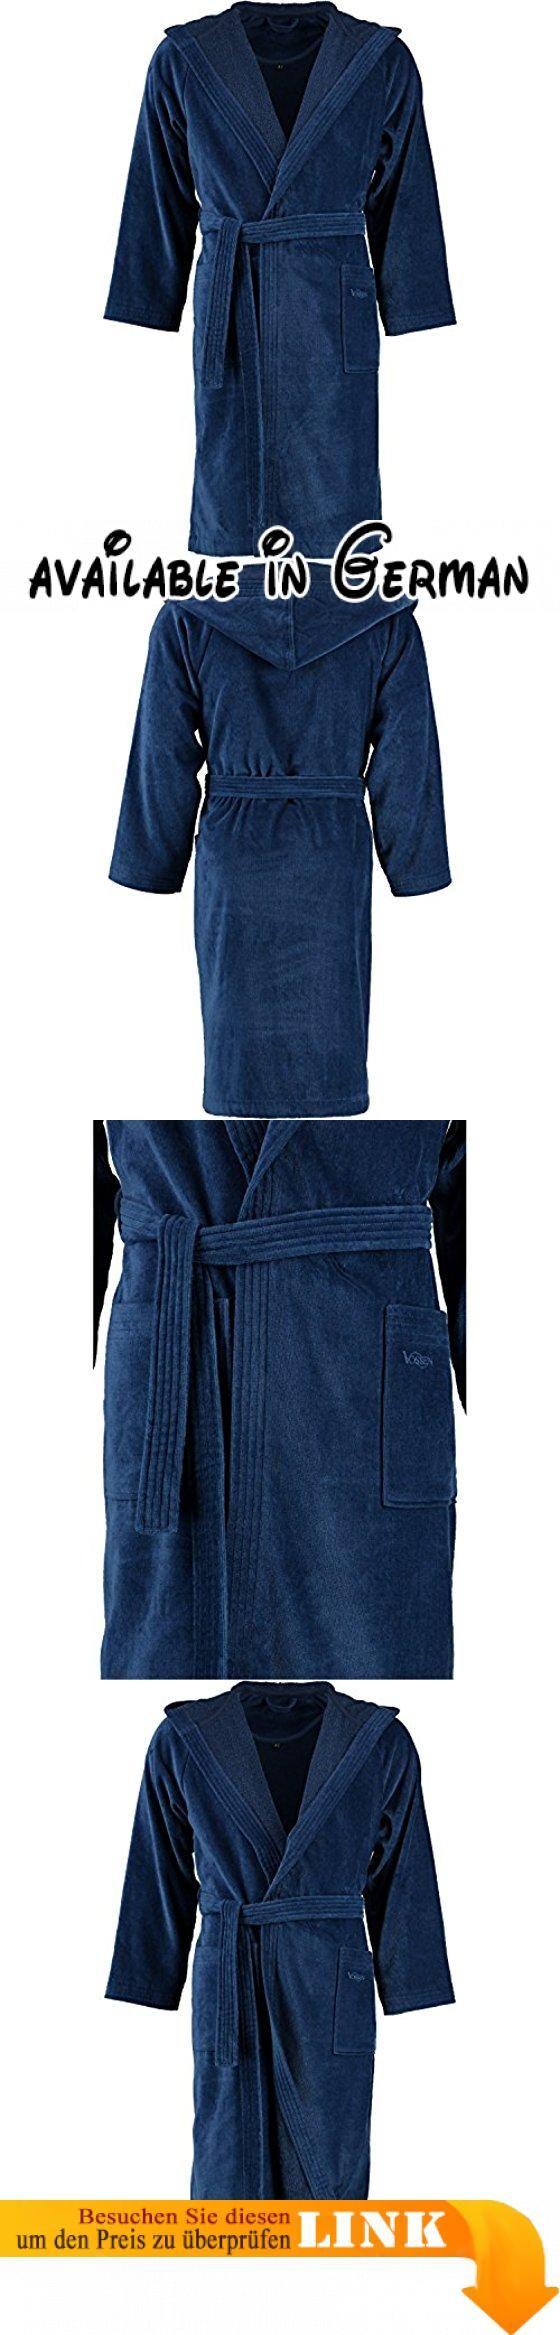 Vossen Bademäntel unisex Velours Texas XL. Art: uni. Bleichen: Bleichen nicht erlaubt. Bügeln: Bügeln mit geringer Temperatur. Design: Texas. Farbe: blau #Küche & Haushalt #HOME_BED_AND_BATH